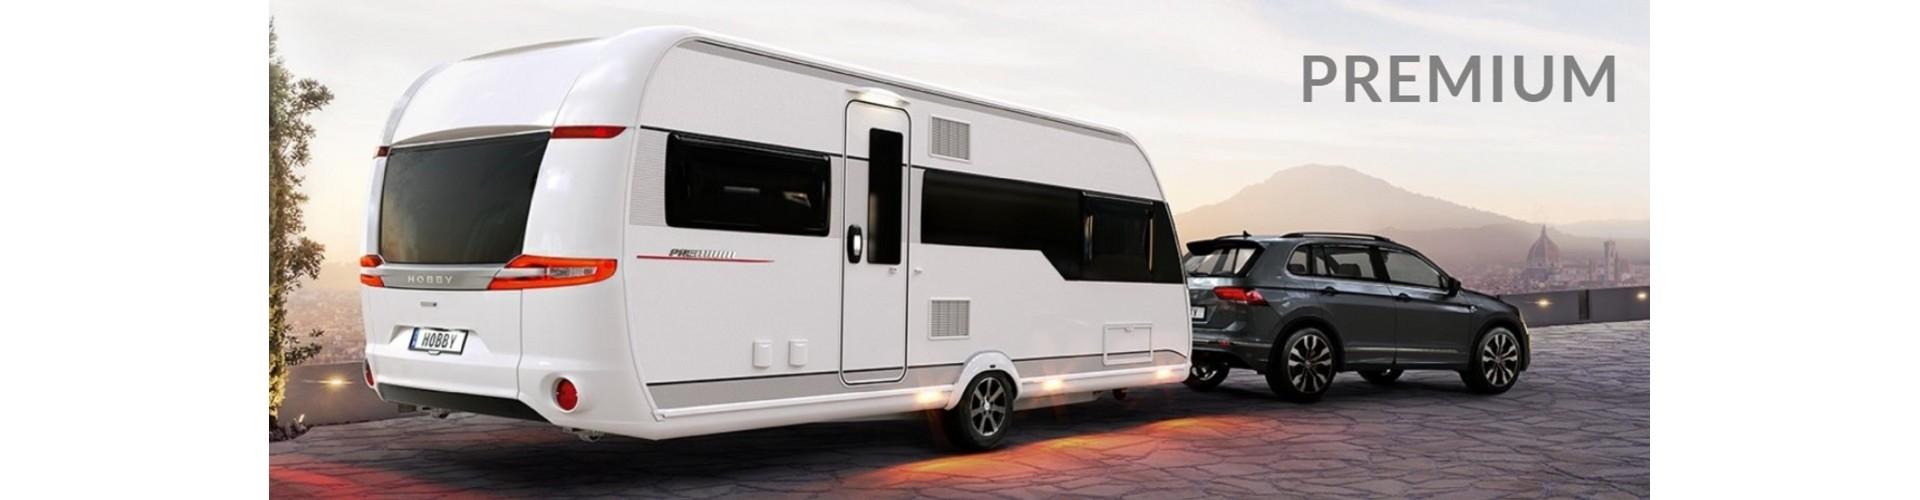 Hobby Caravanas Autocaravanas y Campers - Anoia Caravanas